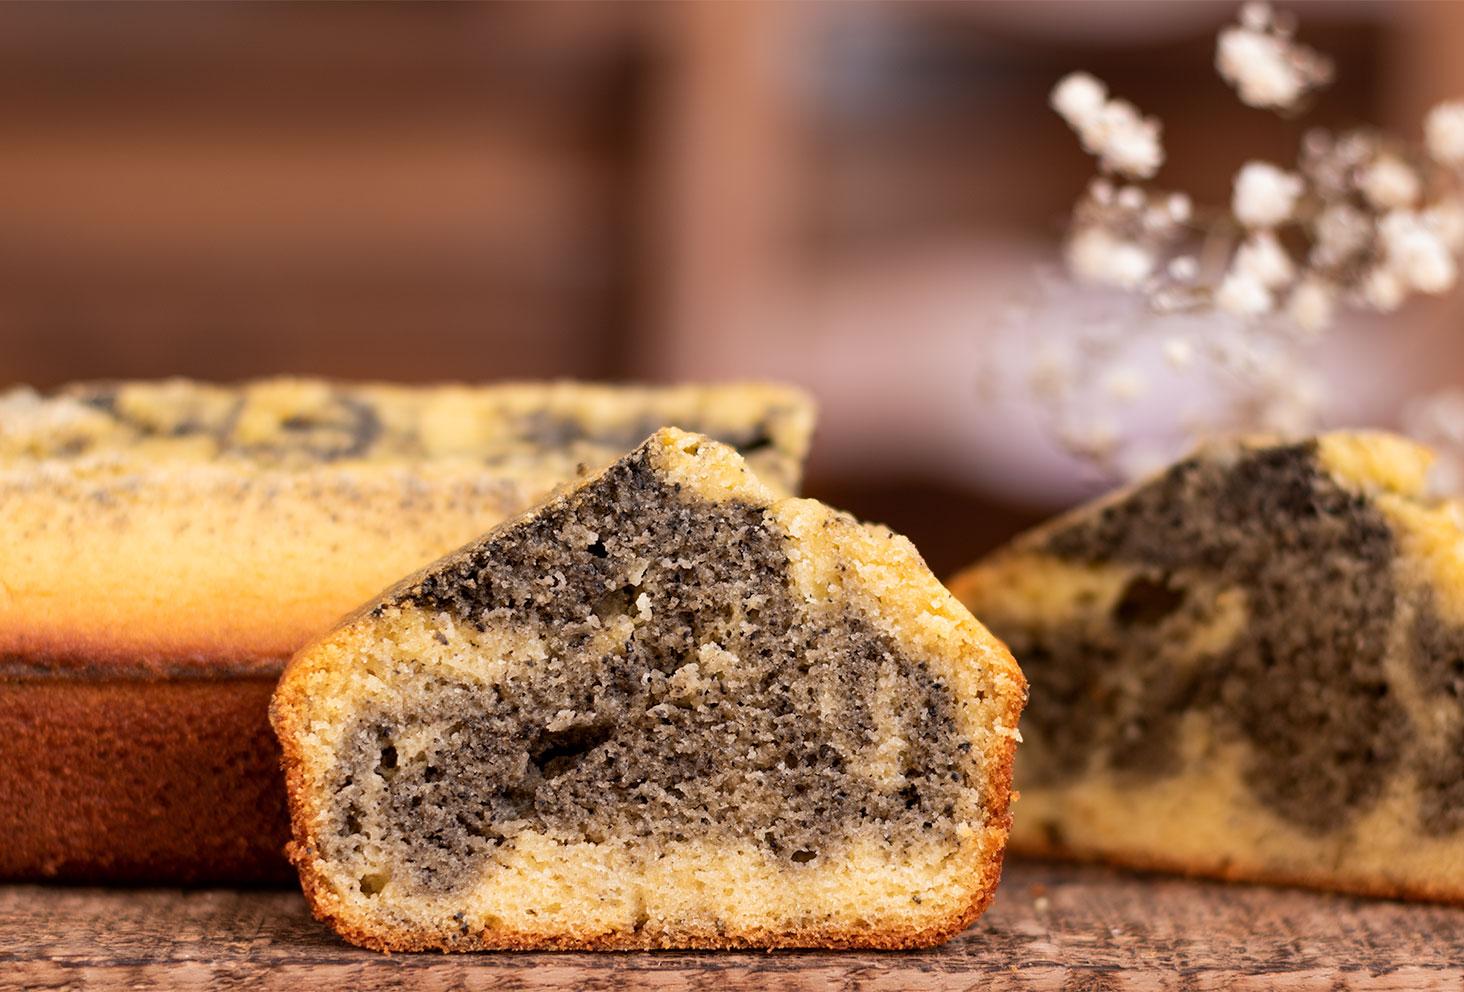 La texture d'une part de marbré à l'orange et au sésame noir, posé devant le cake marbré en entier